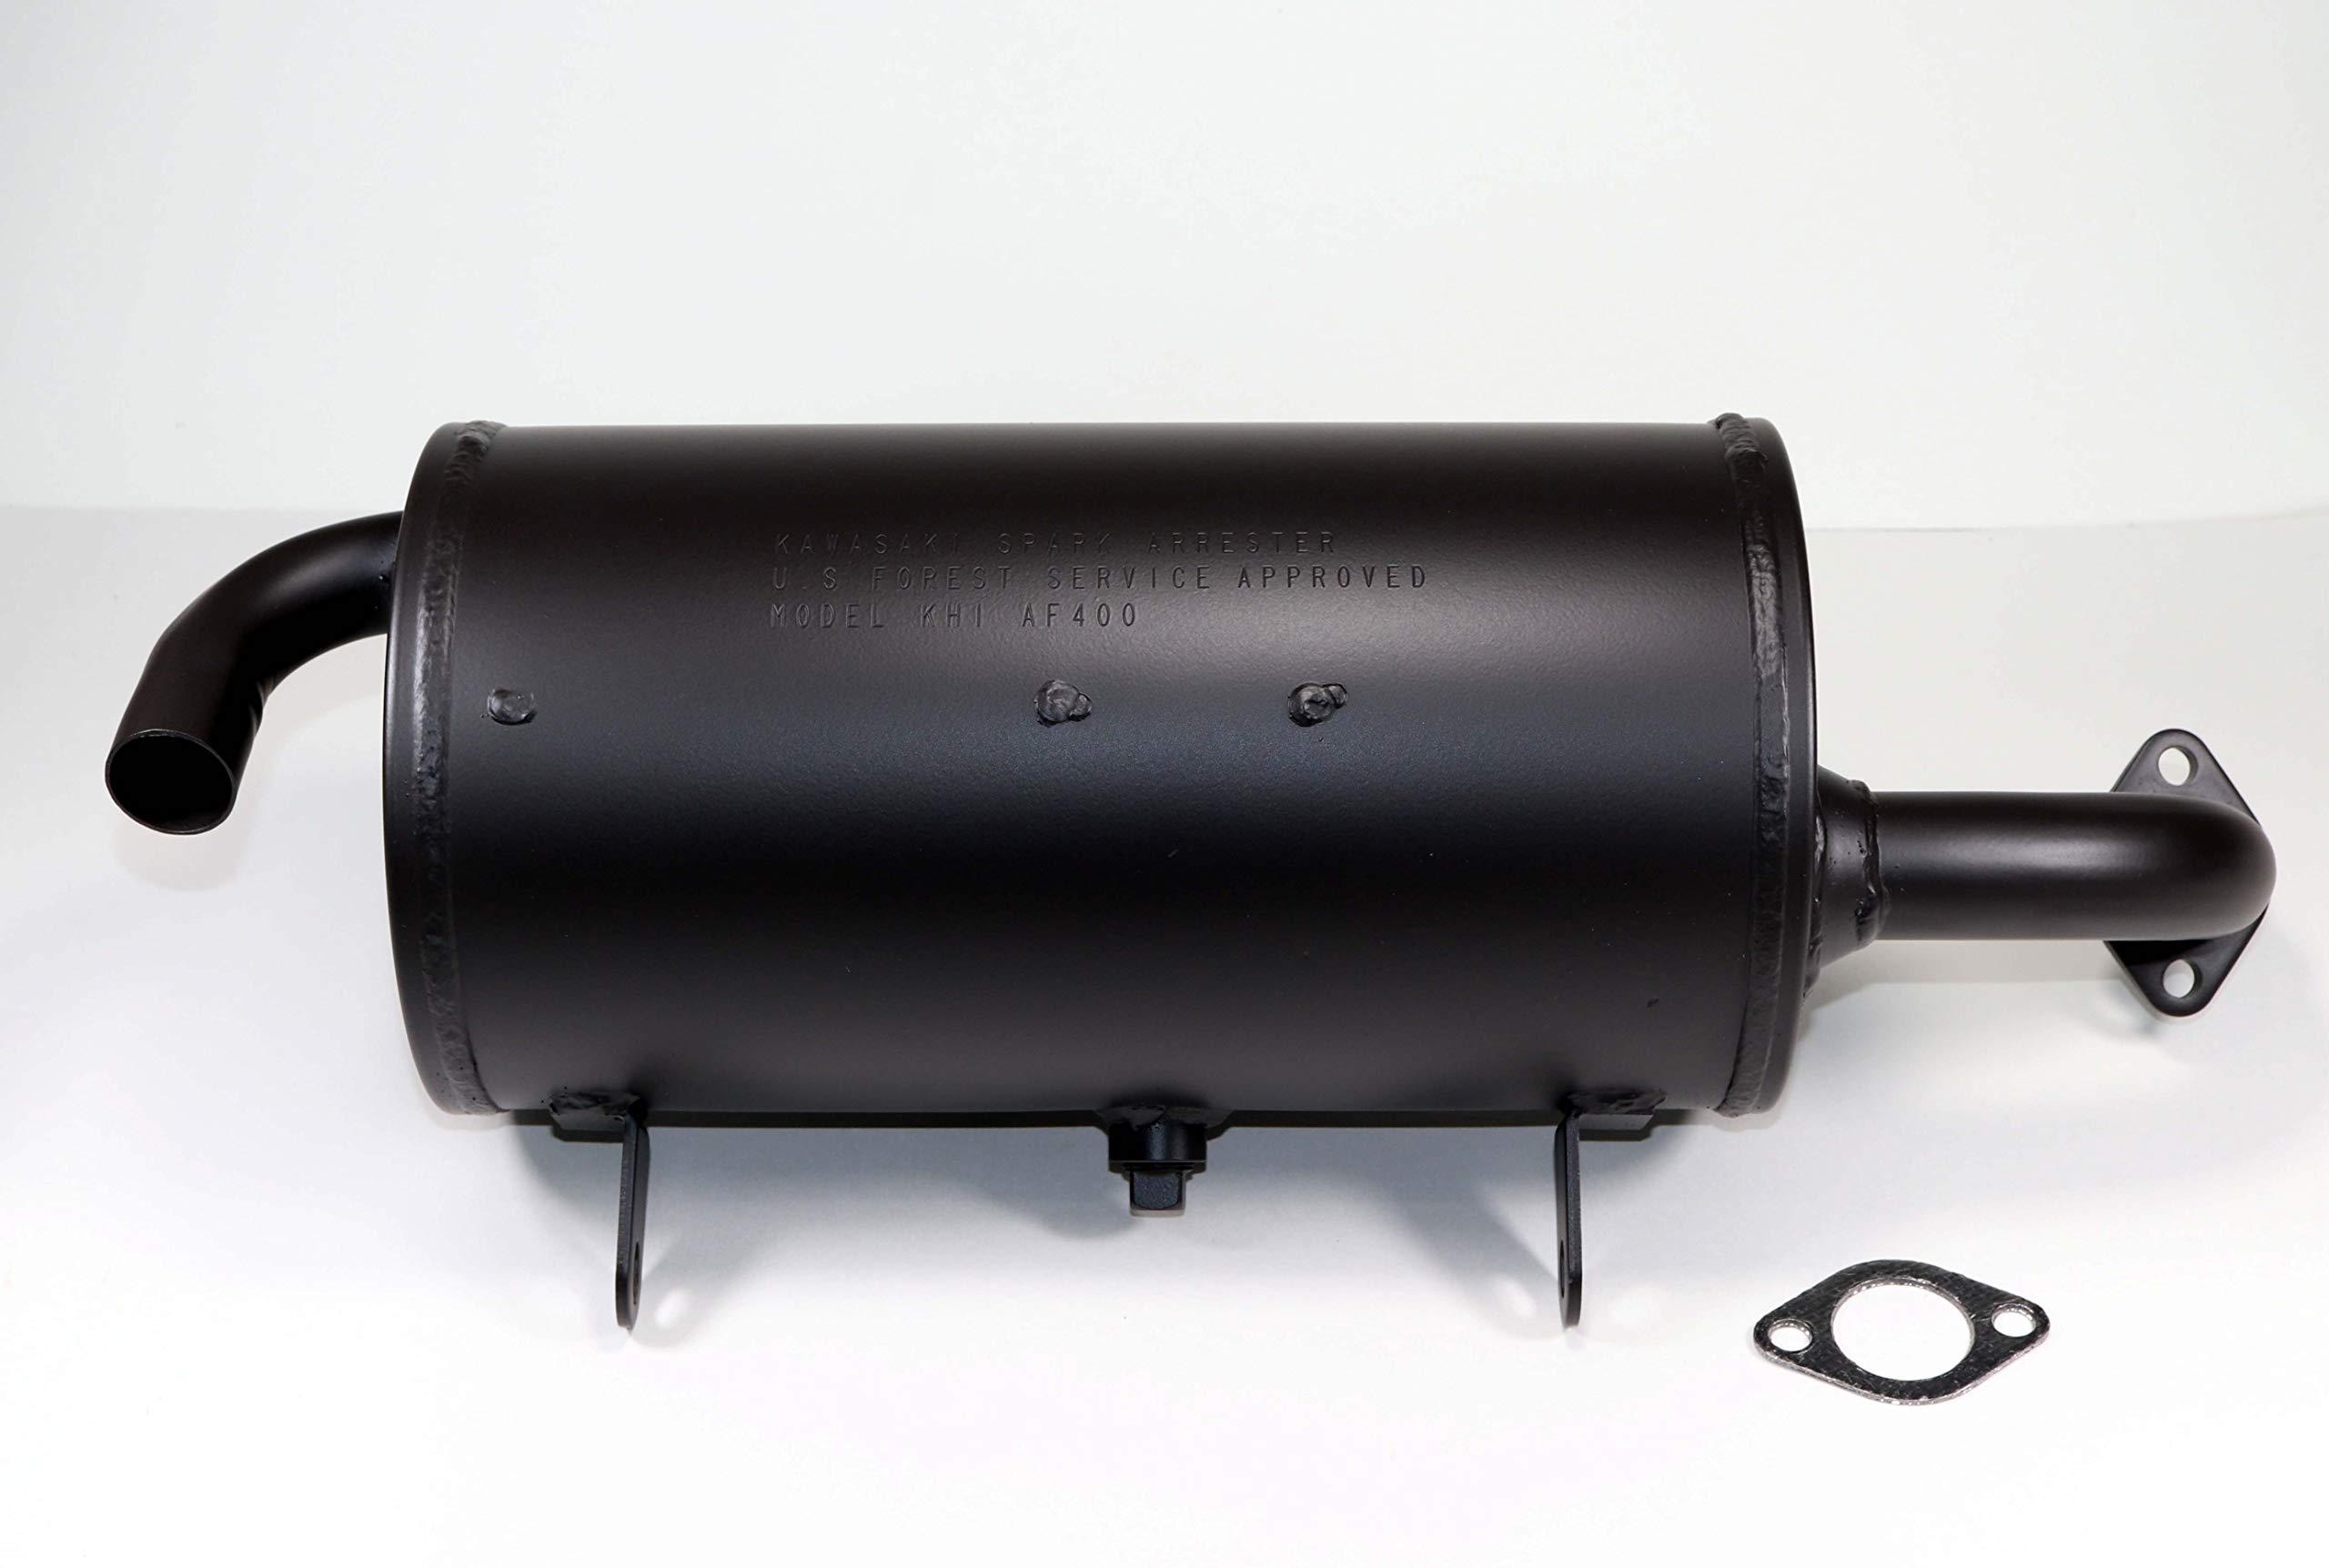 Kawasaki Mule 600/610 NEW OEM Genuine Exhaust Muffler 18091-0235 w/OEM Gasket 11061-0132